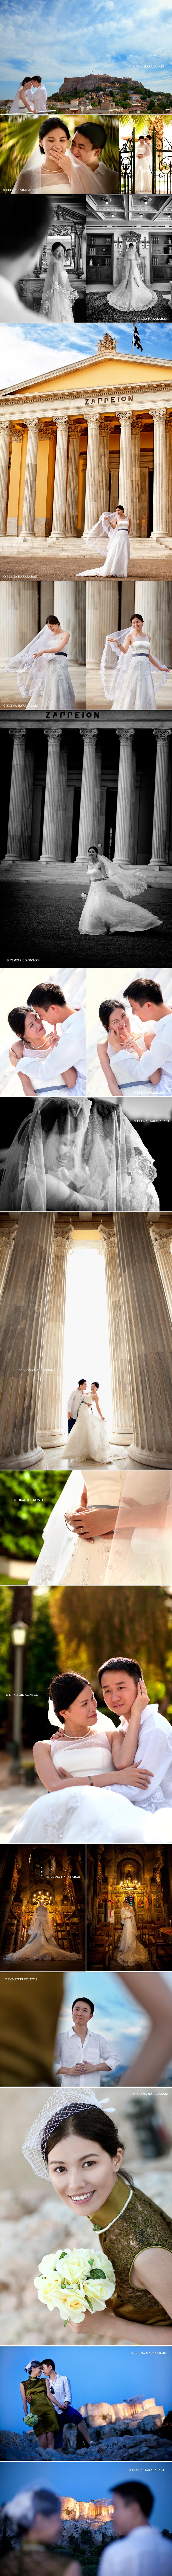 Φωτογράφιση γάμου στο κέντρο της Αθήνας